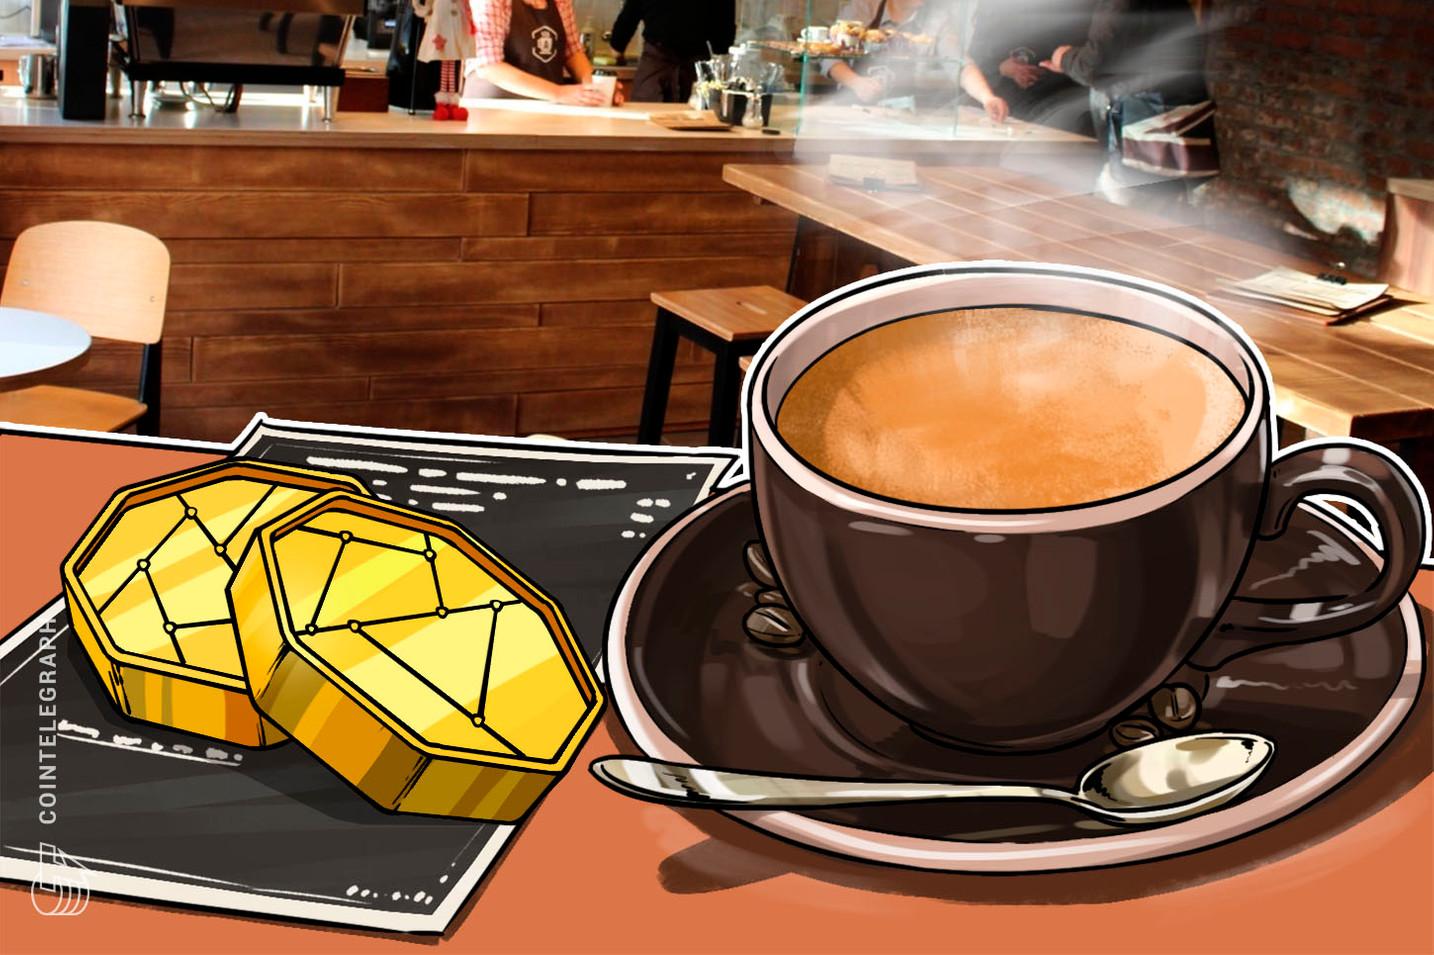 ZEW-Studie: Finanzprofis erwarten keinen baldigen Alltagseinsatz von Kryptowährungen